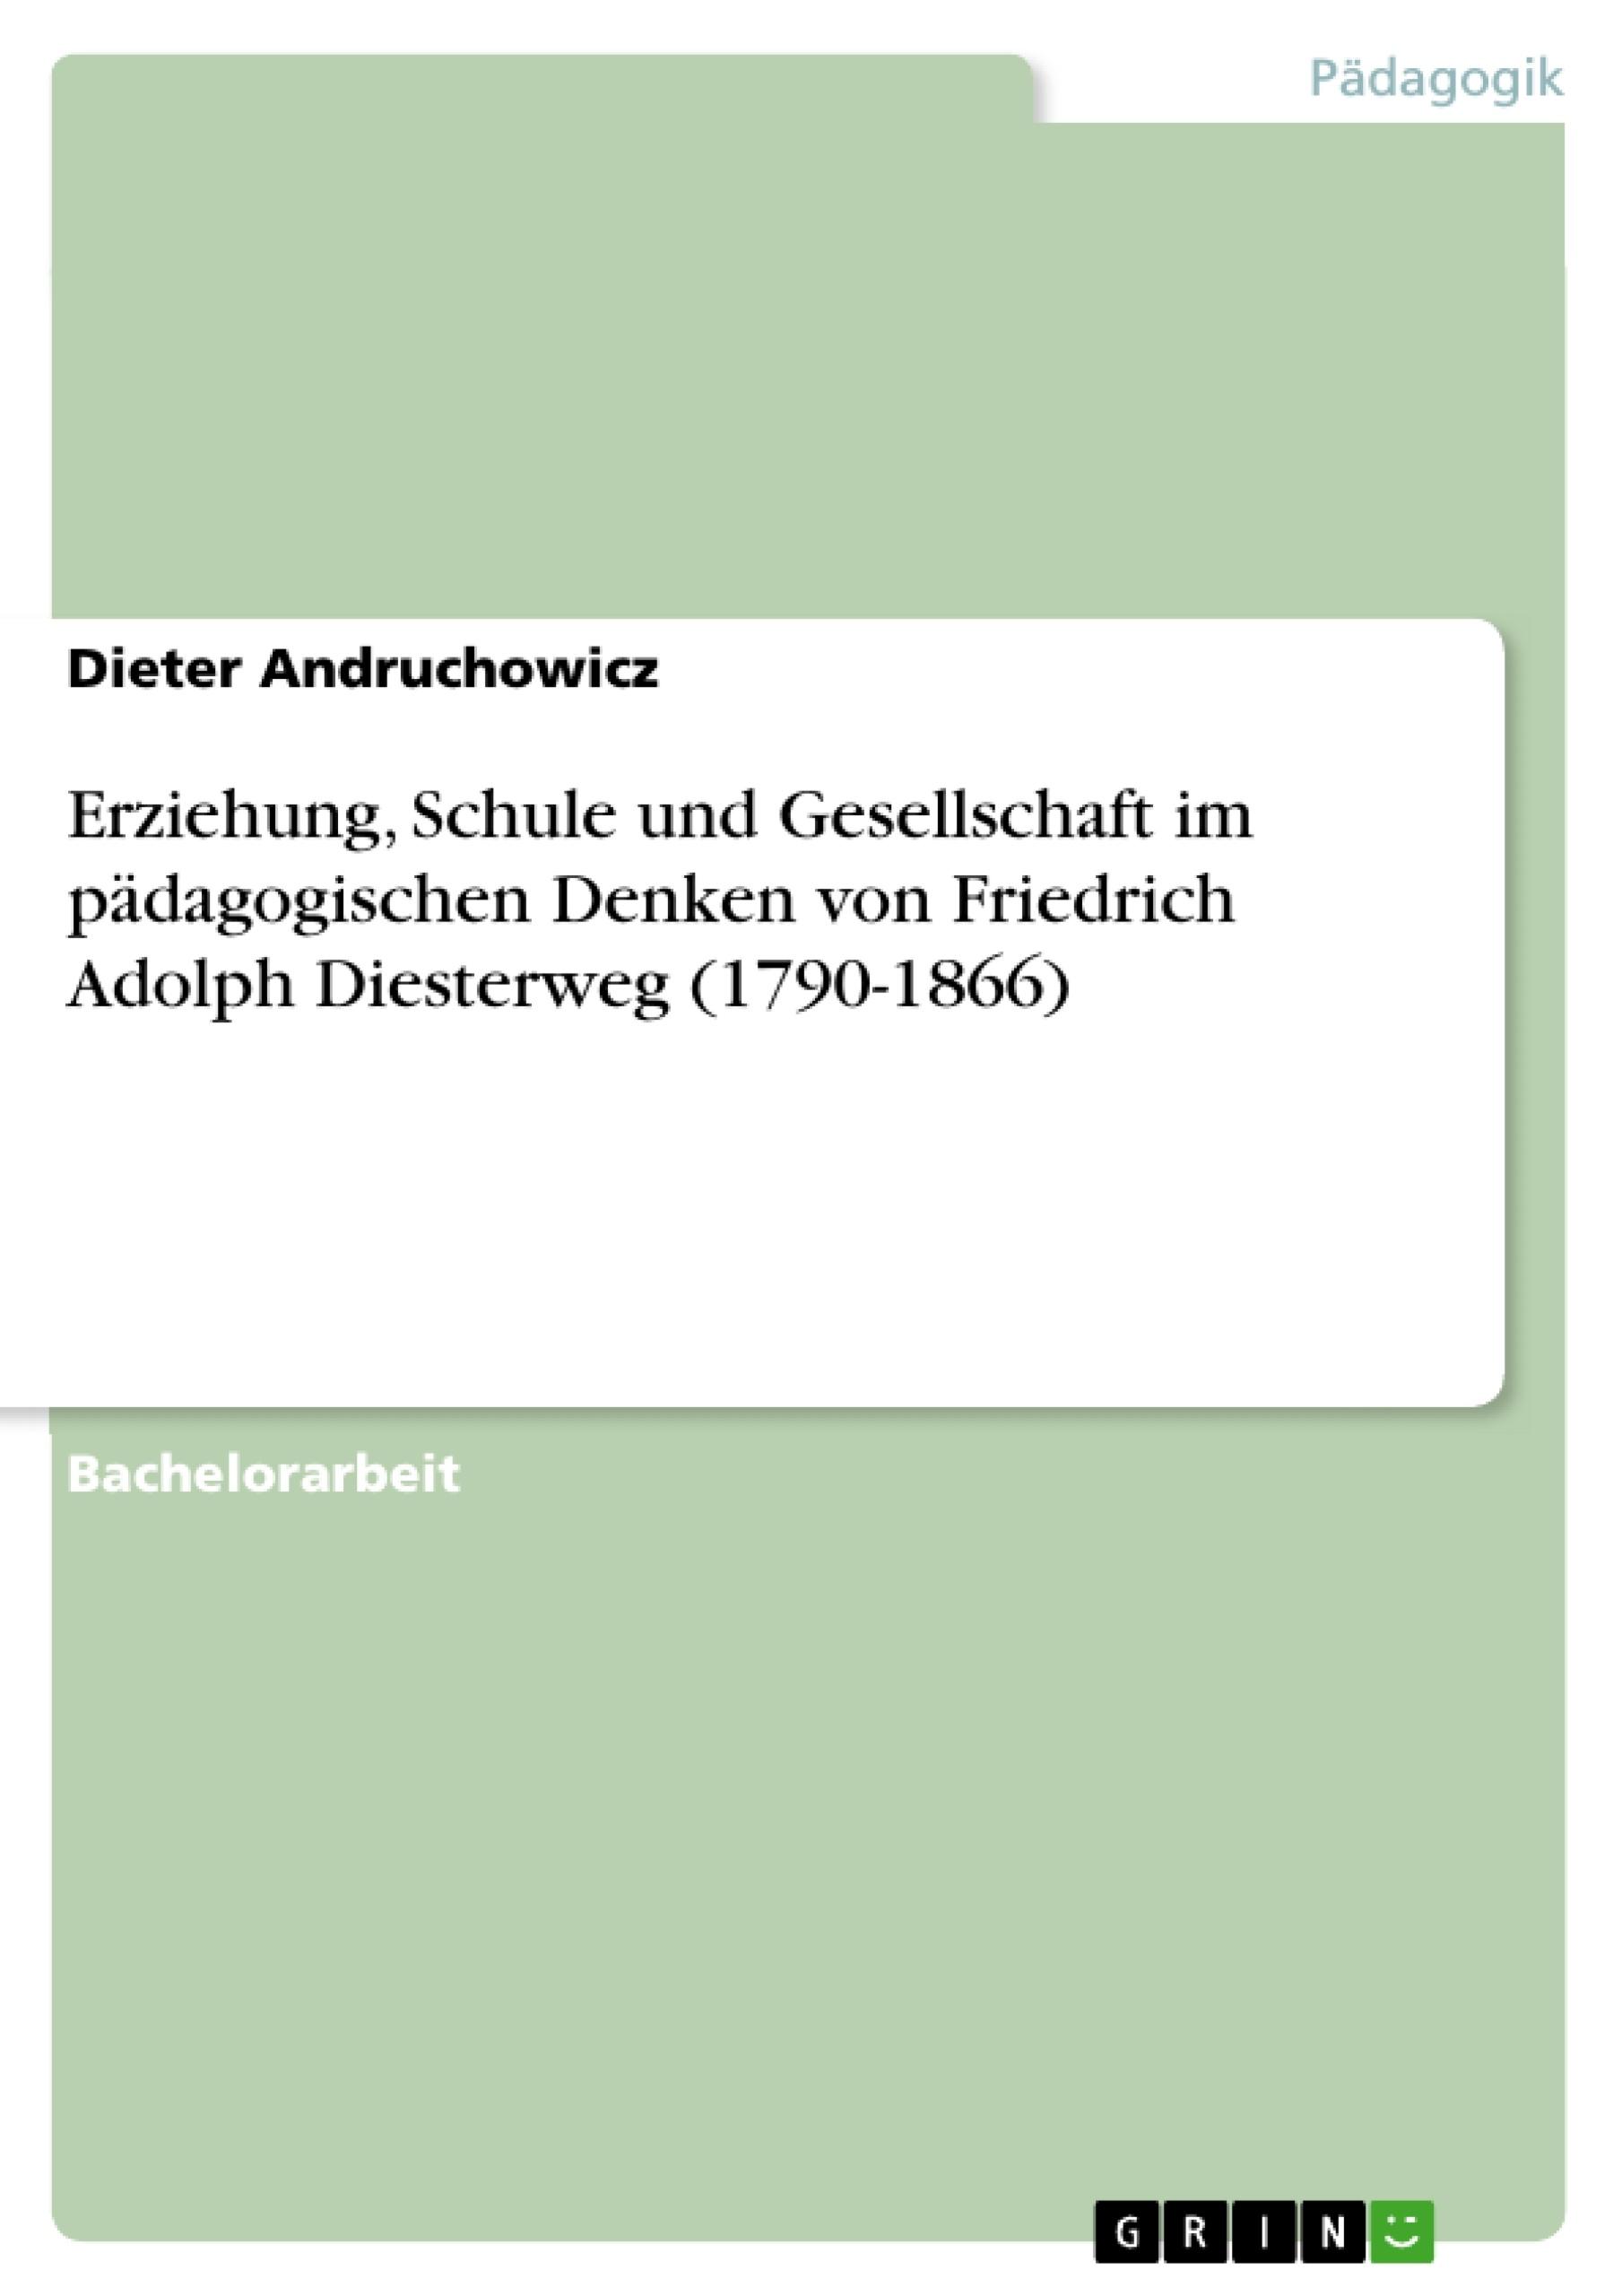 Titel: Erziehung, Schule und Gesellschaft im pädagogischen Denken von Friedrich Adolph Diesterweg (1790-1866)